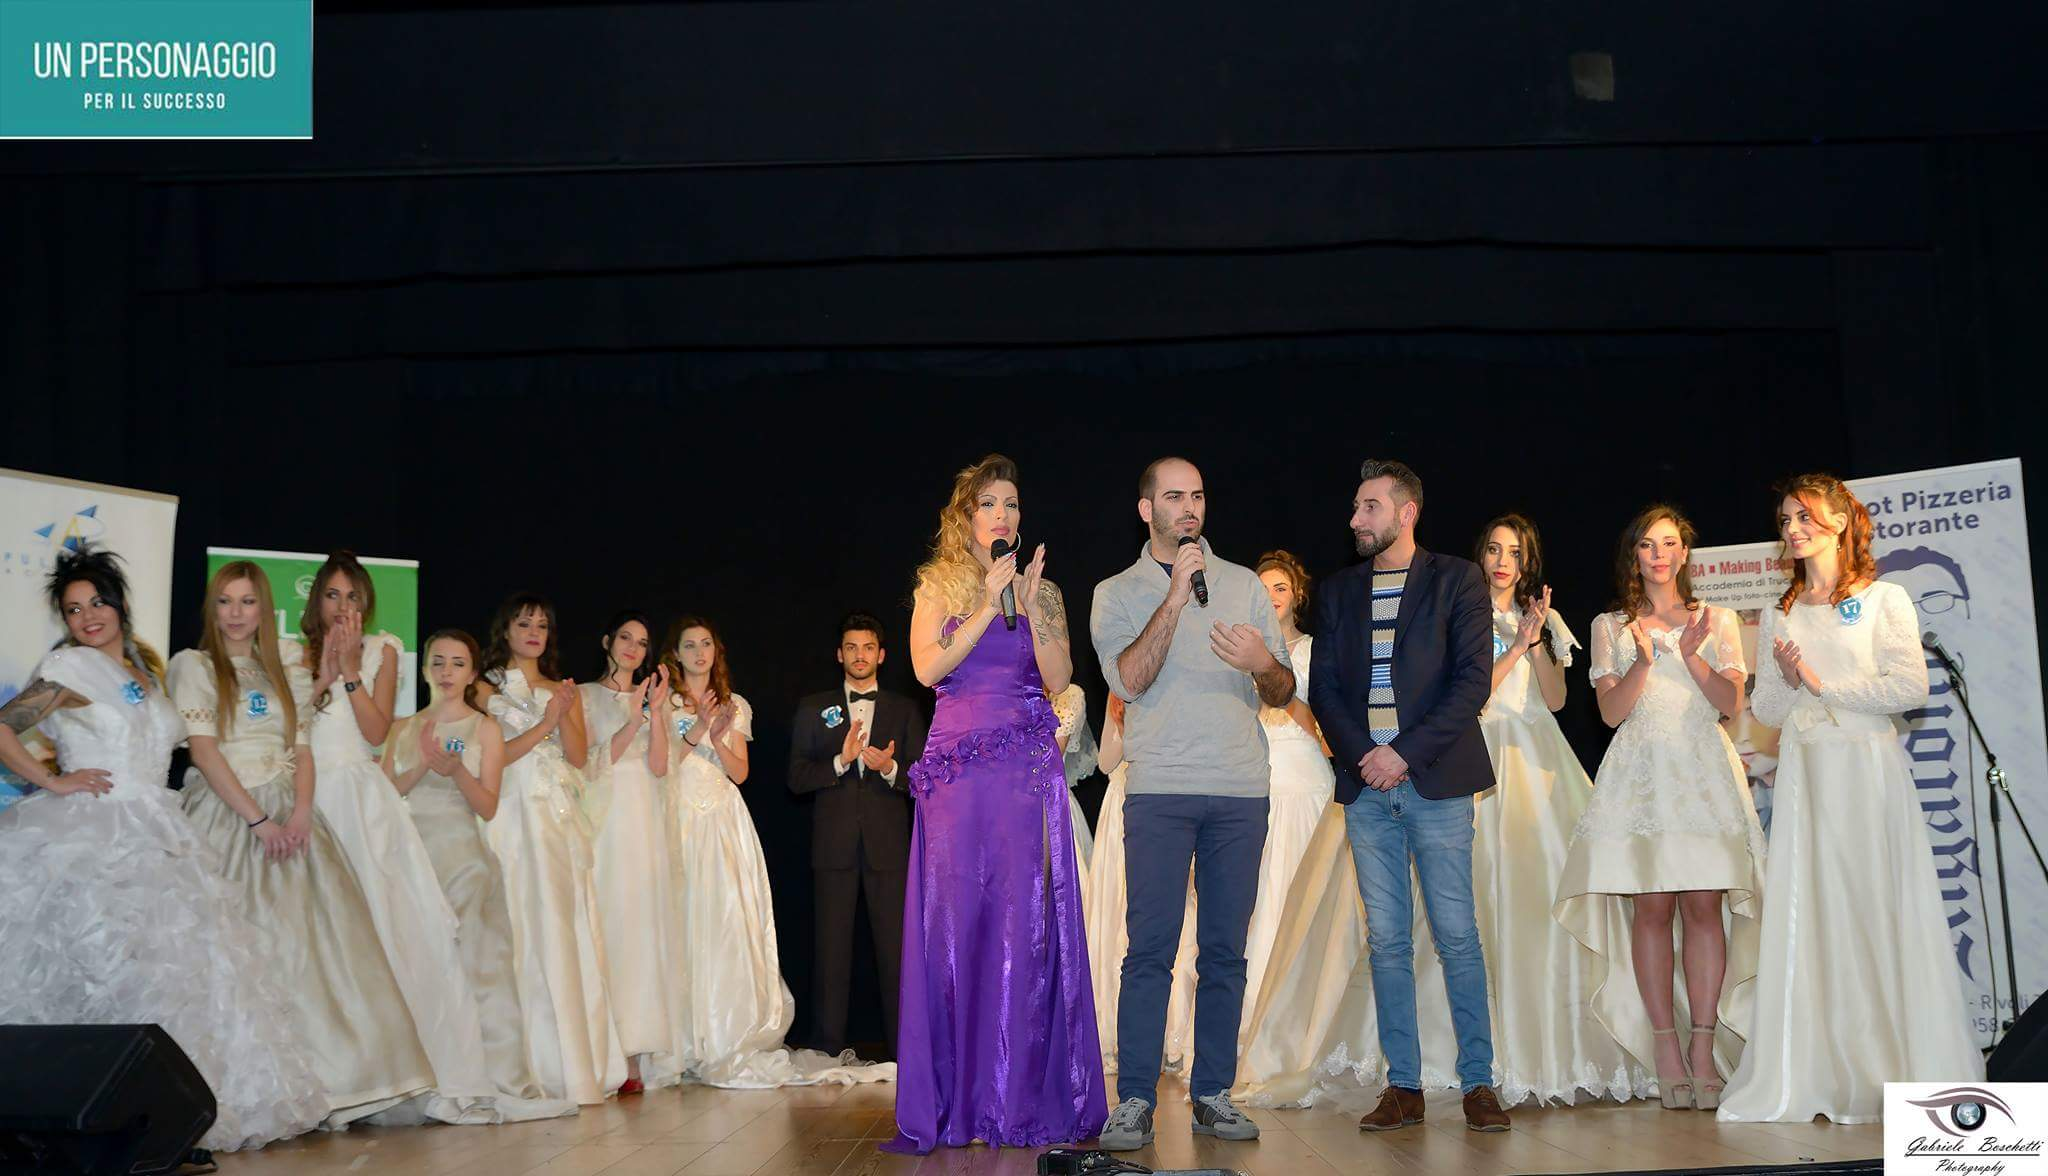 """Nella splendida cornice dell'Auditorium Arpino di Collegno, si è svolta la prima selezione di """" un personaggio per il successo 2017″. Nuovo e divertente concorso creato dalla patron Patrizia Mottola […]"""